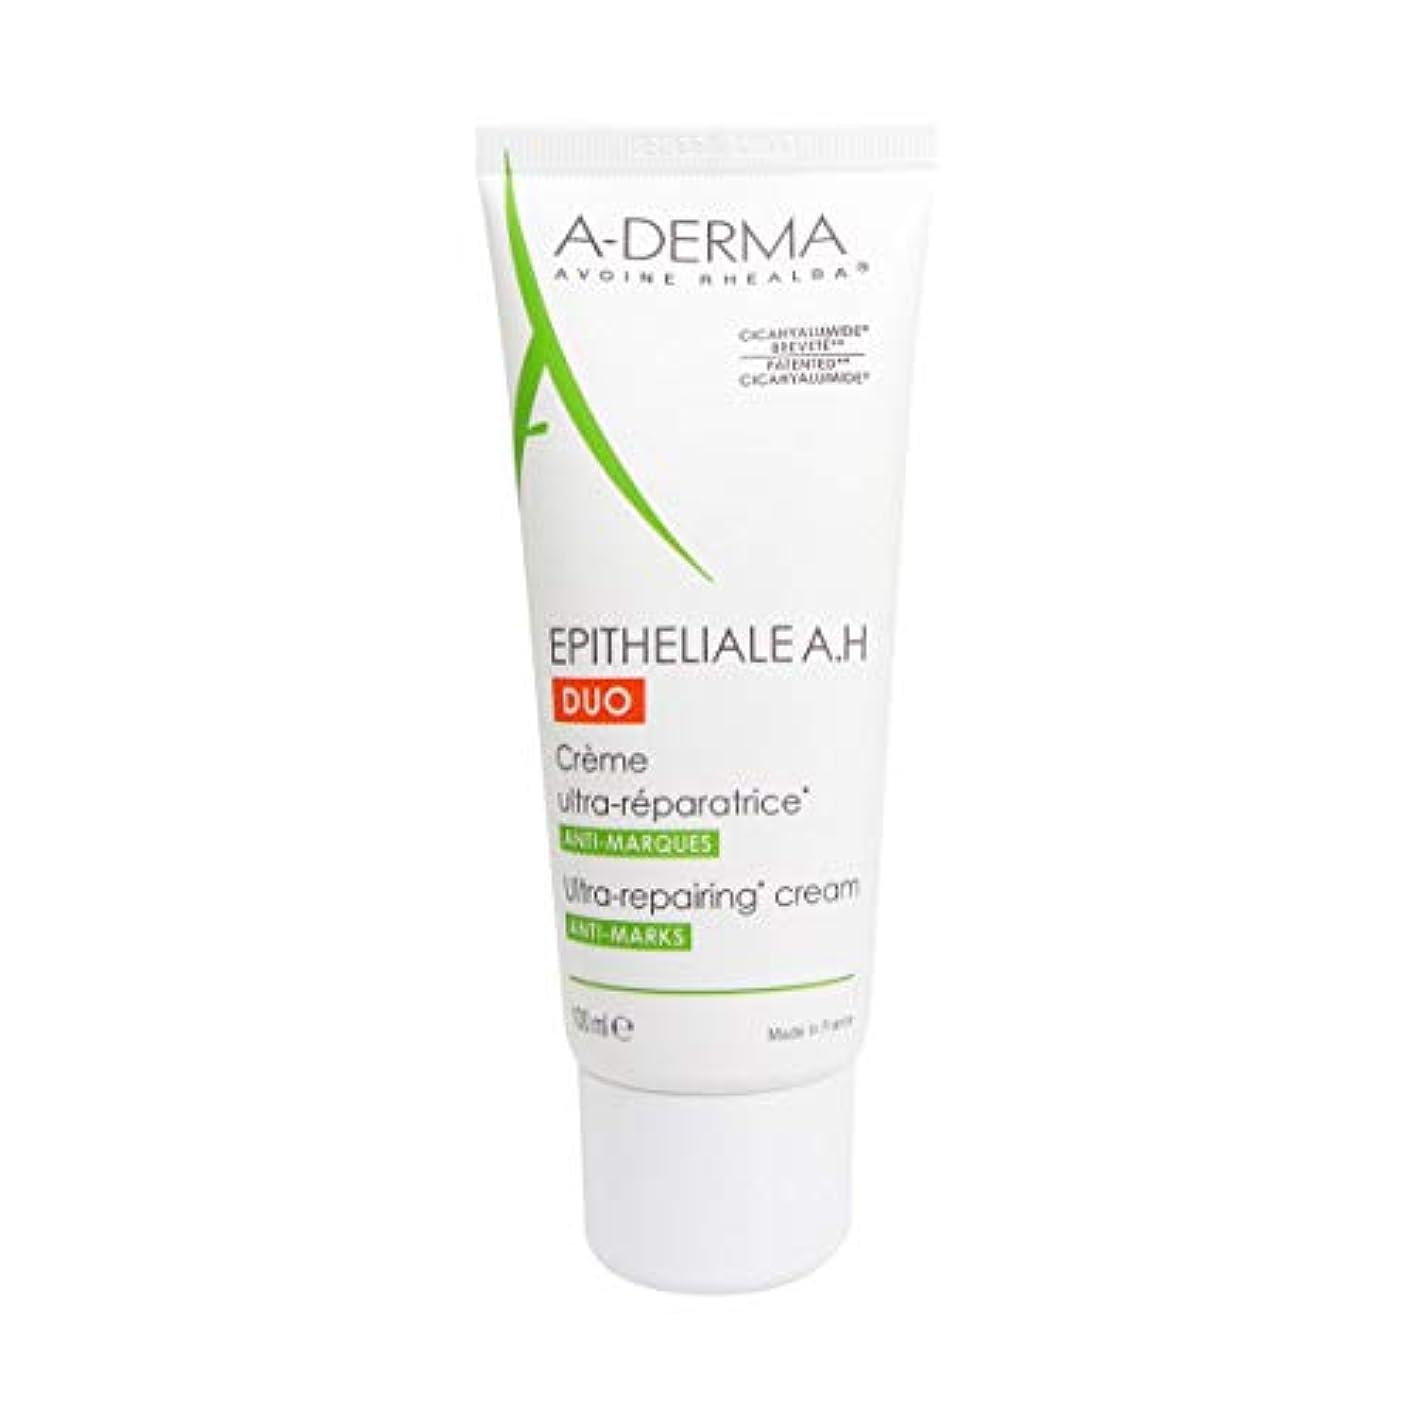 やりすぎ意気込み機械的A-derma Epitheliale A.h. Duo Ultra-repairing Cream 100ml [並行輸入品]